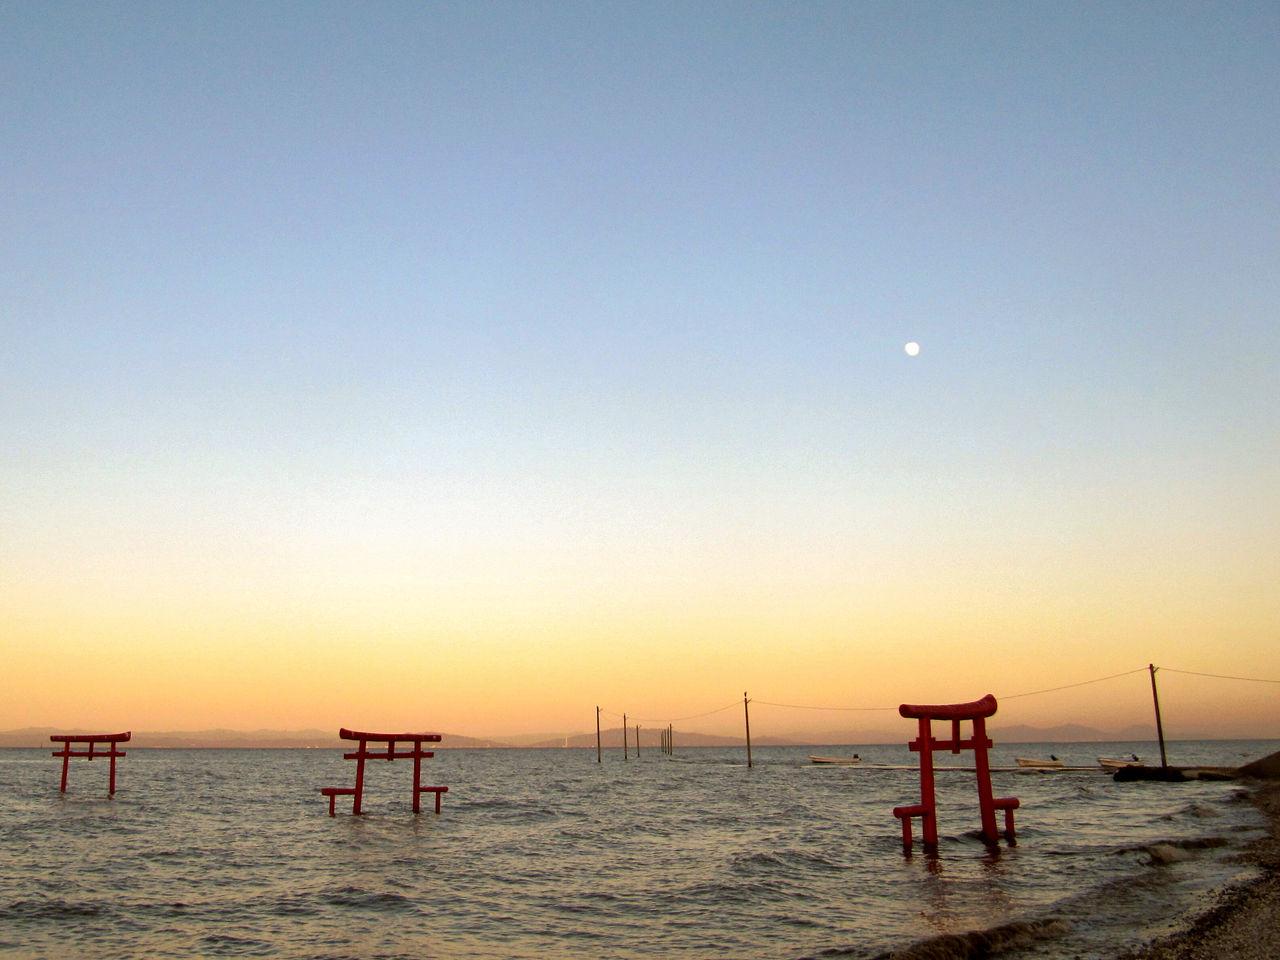 Удивительное впечатление создают уходящие в море ворота-тории у взморья Ариакэ